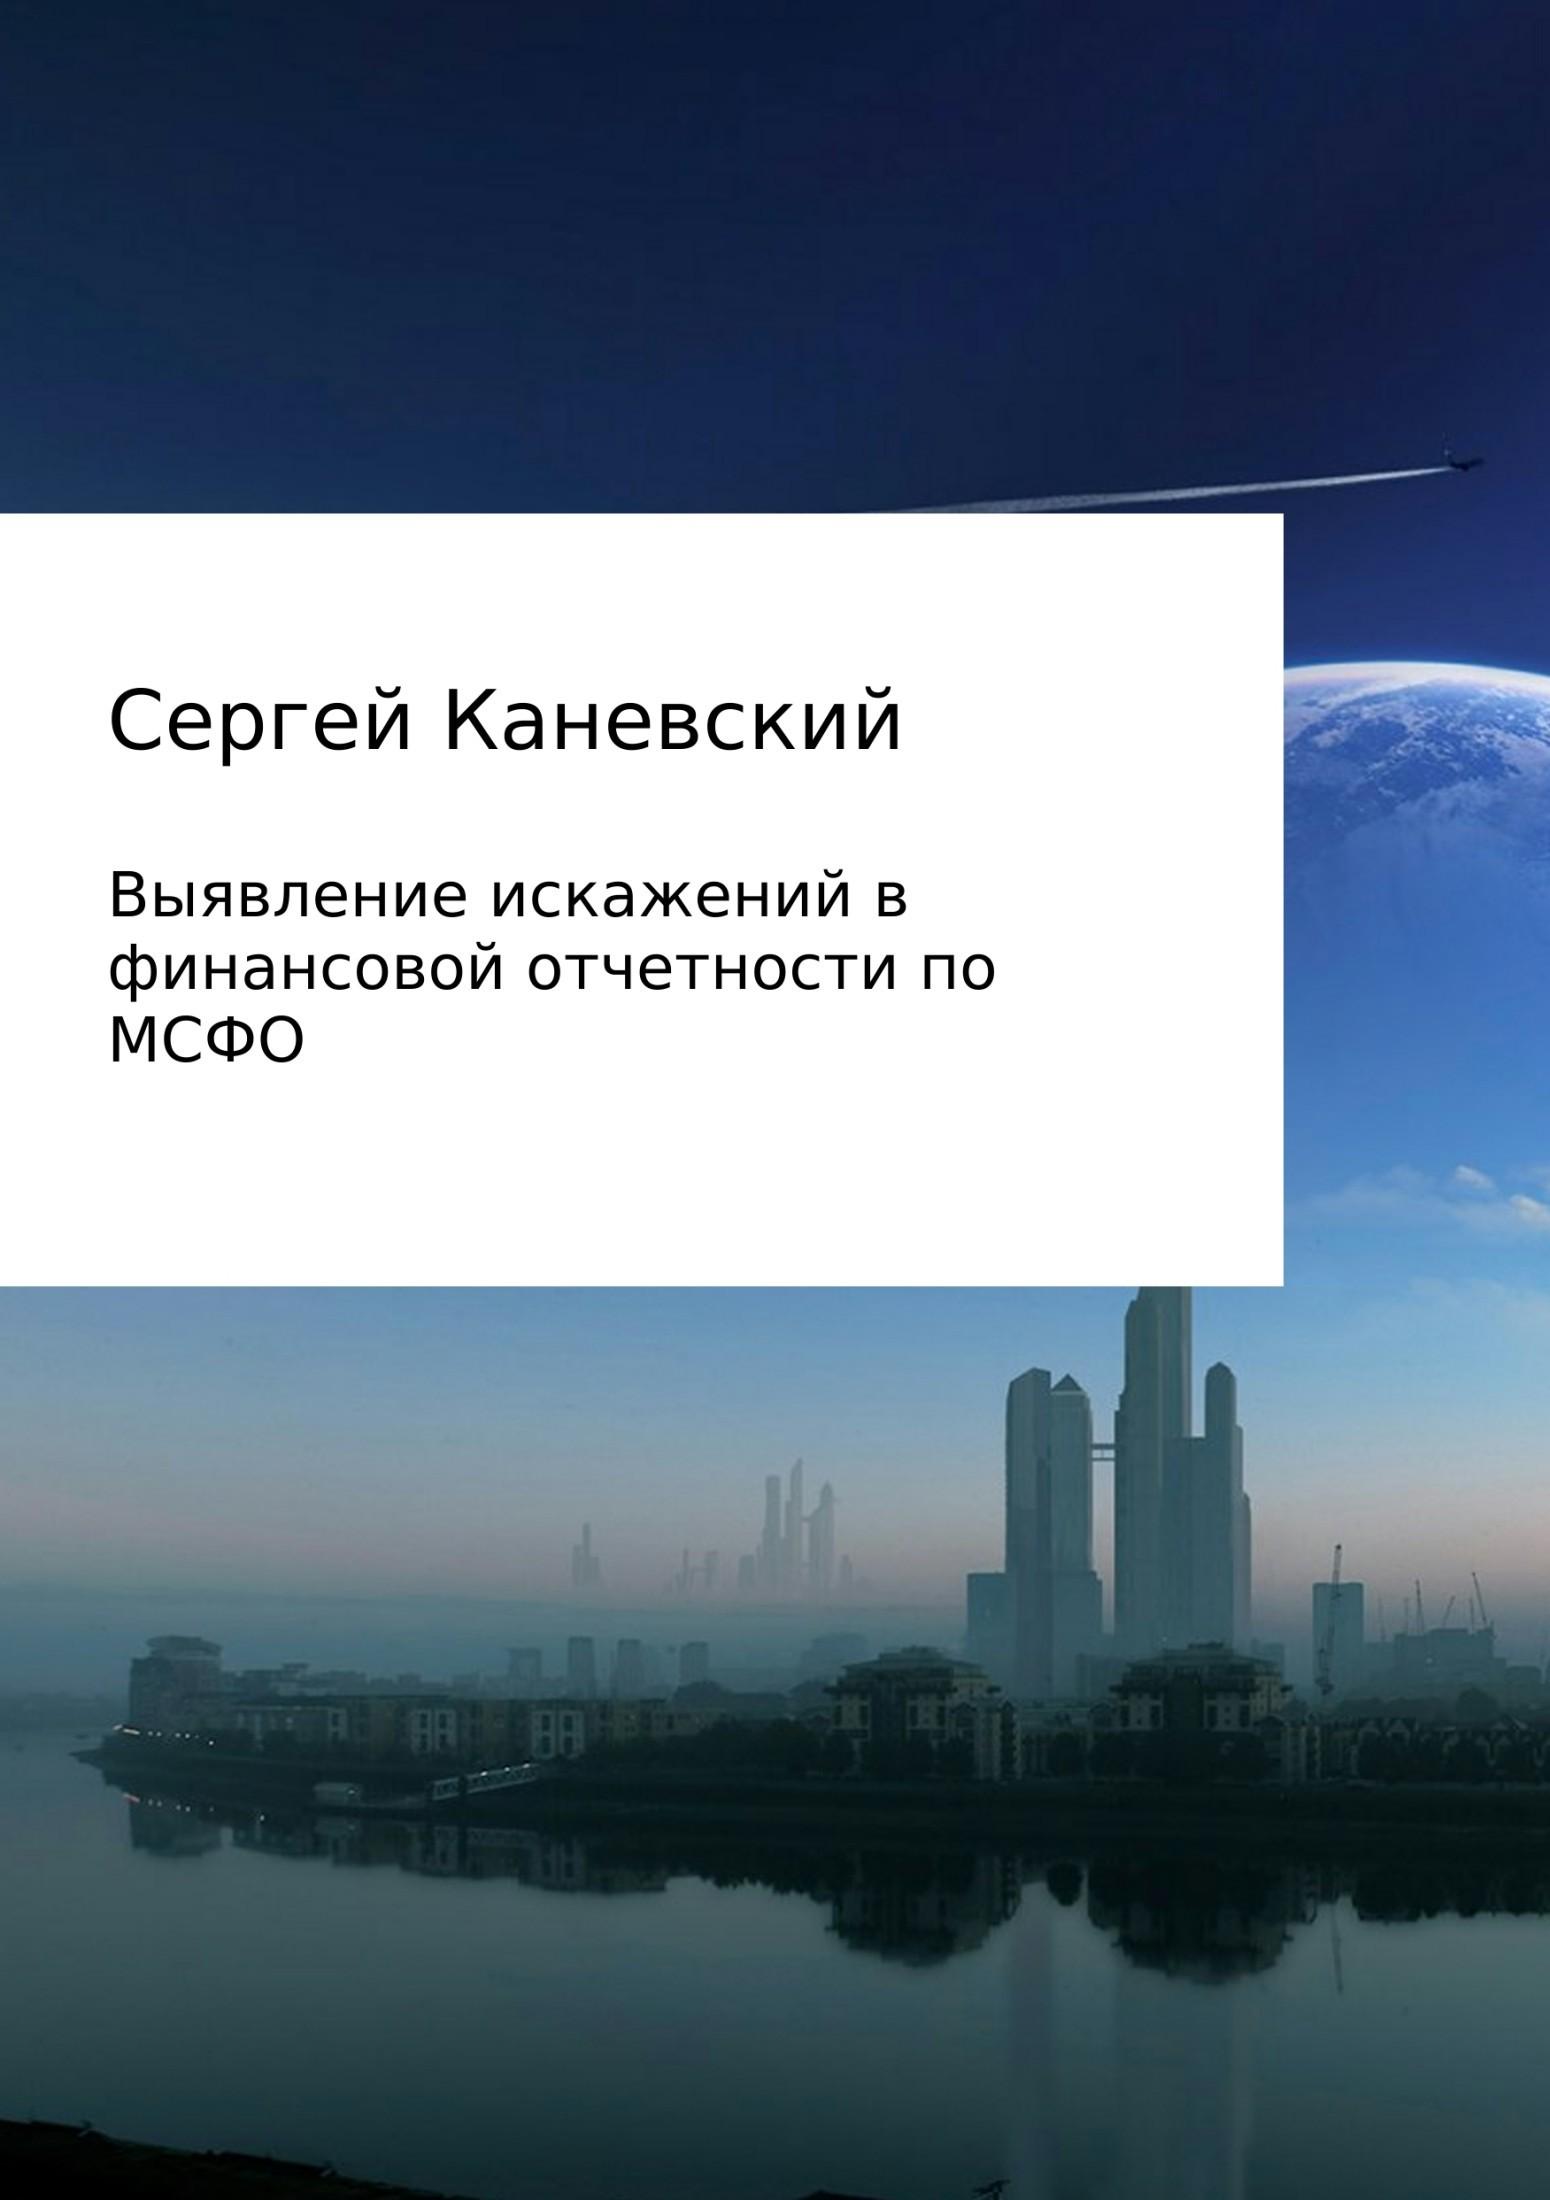 Обложка книги Выявление искажений в финансовой отчетности по МСФО